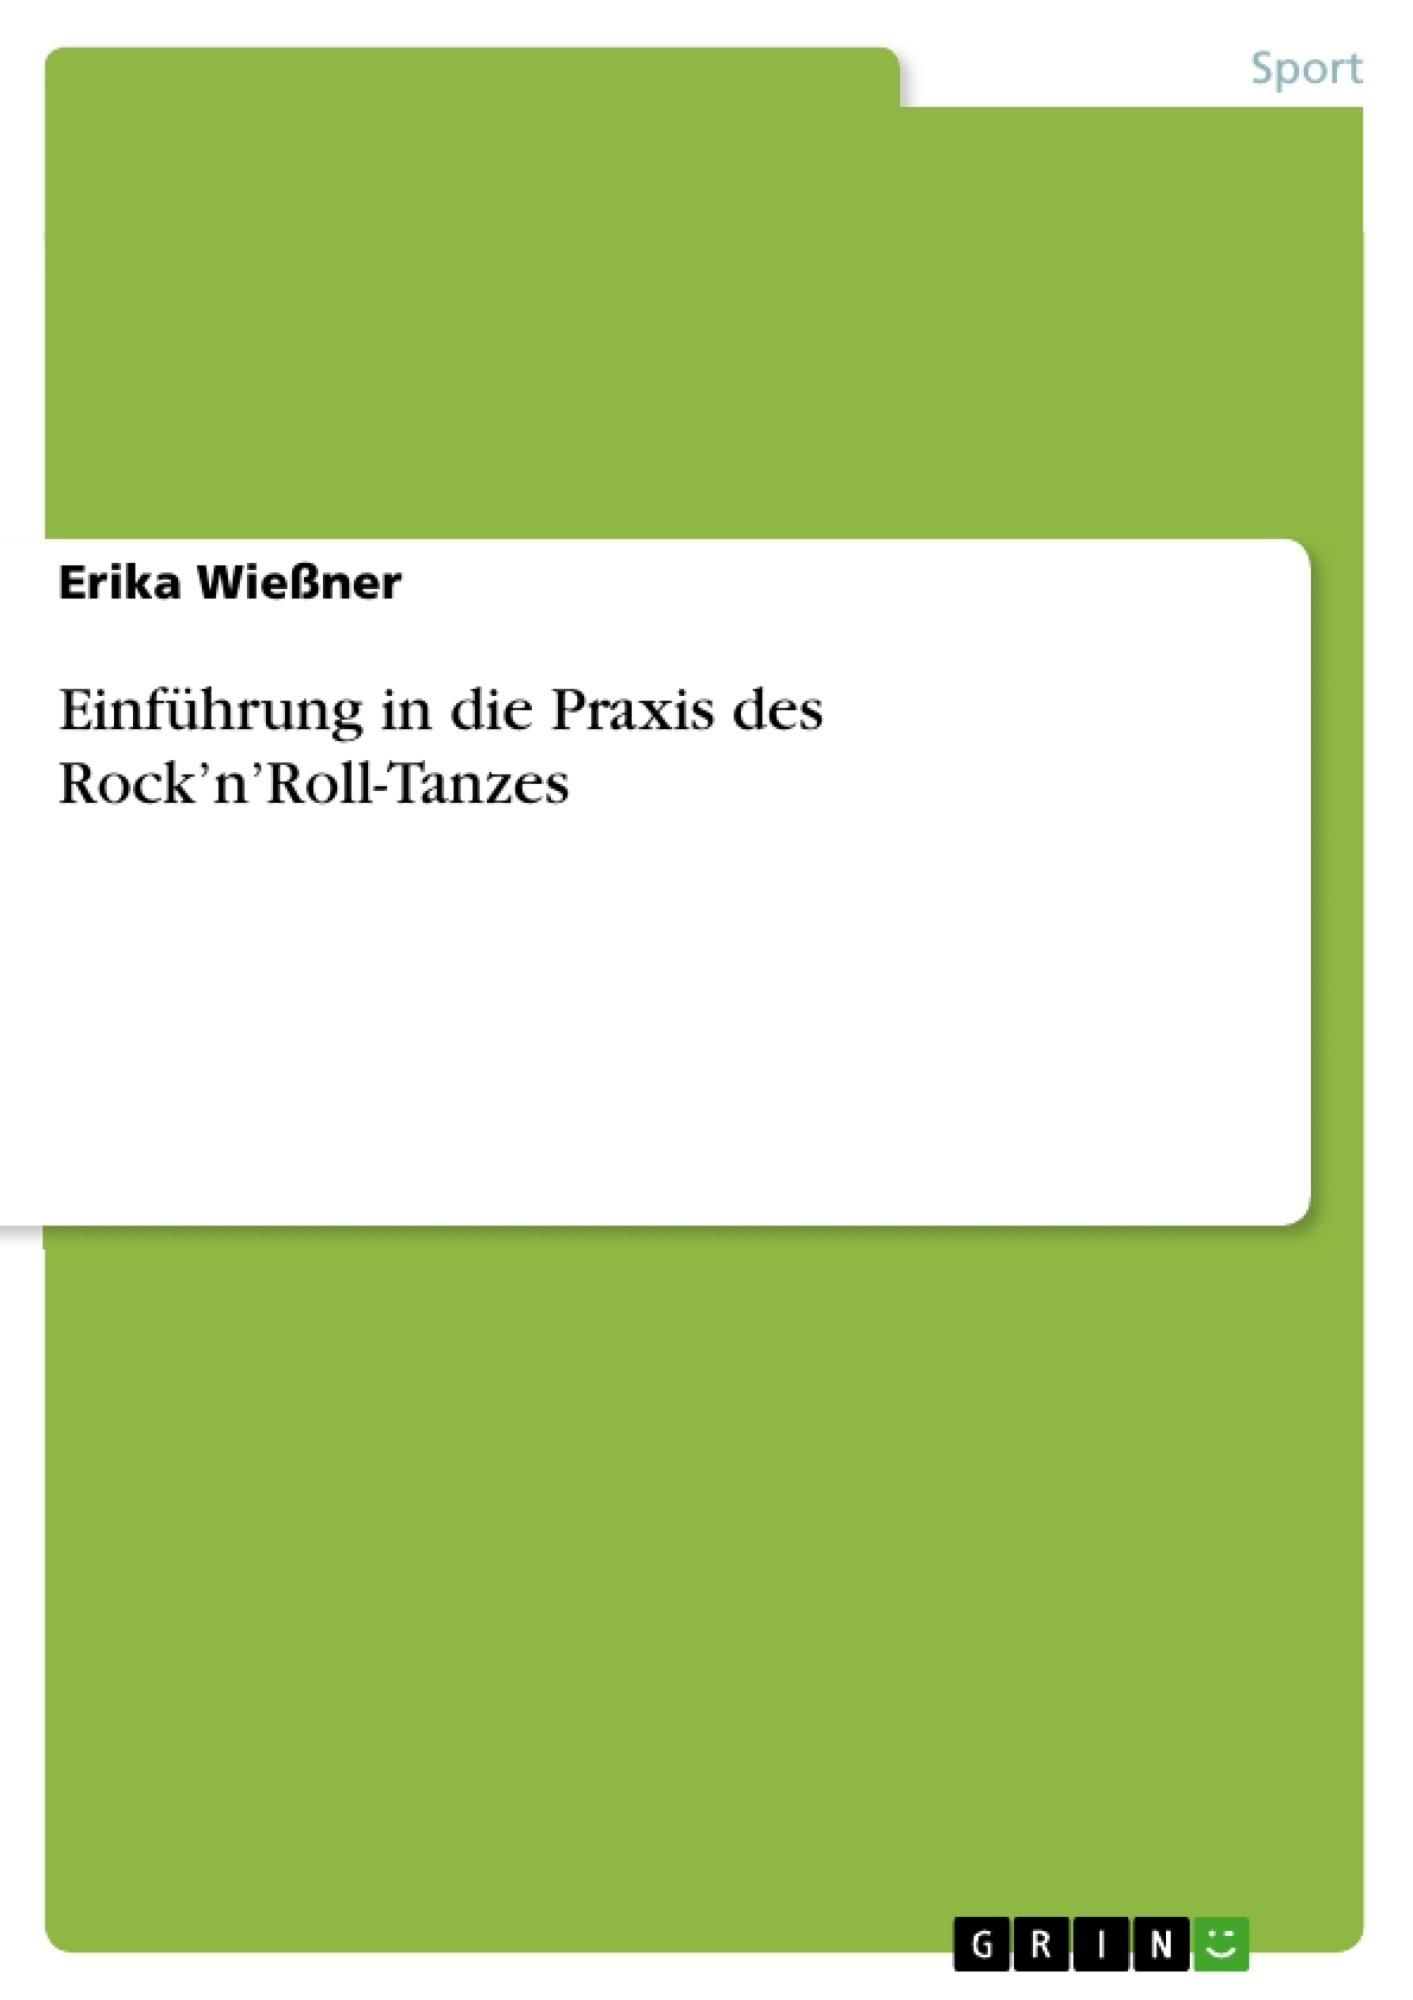 Titel: Einführung in die Praxis des Rock'n'Roll-Tanzes